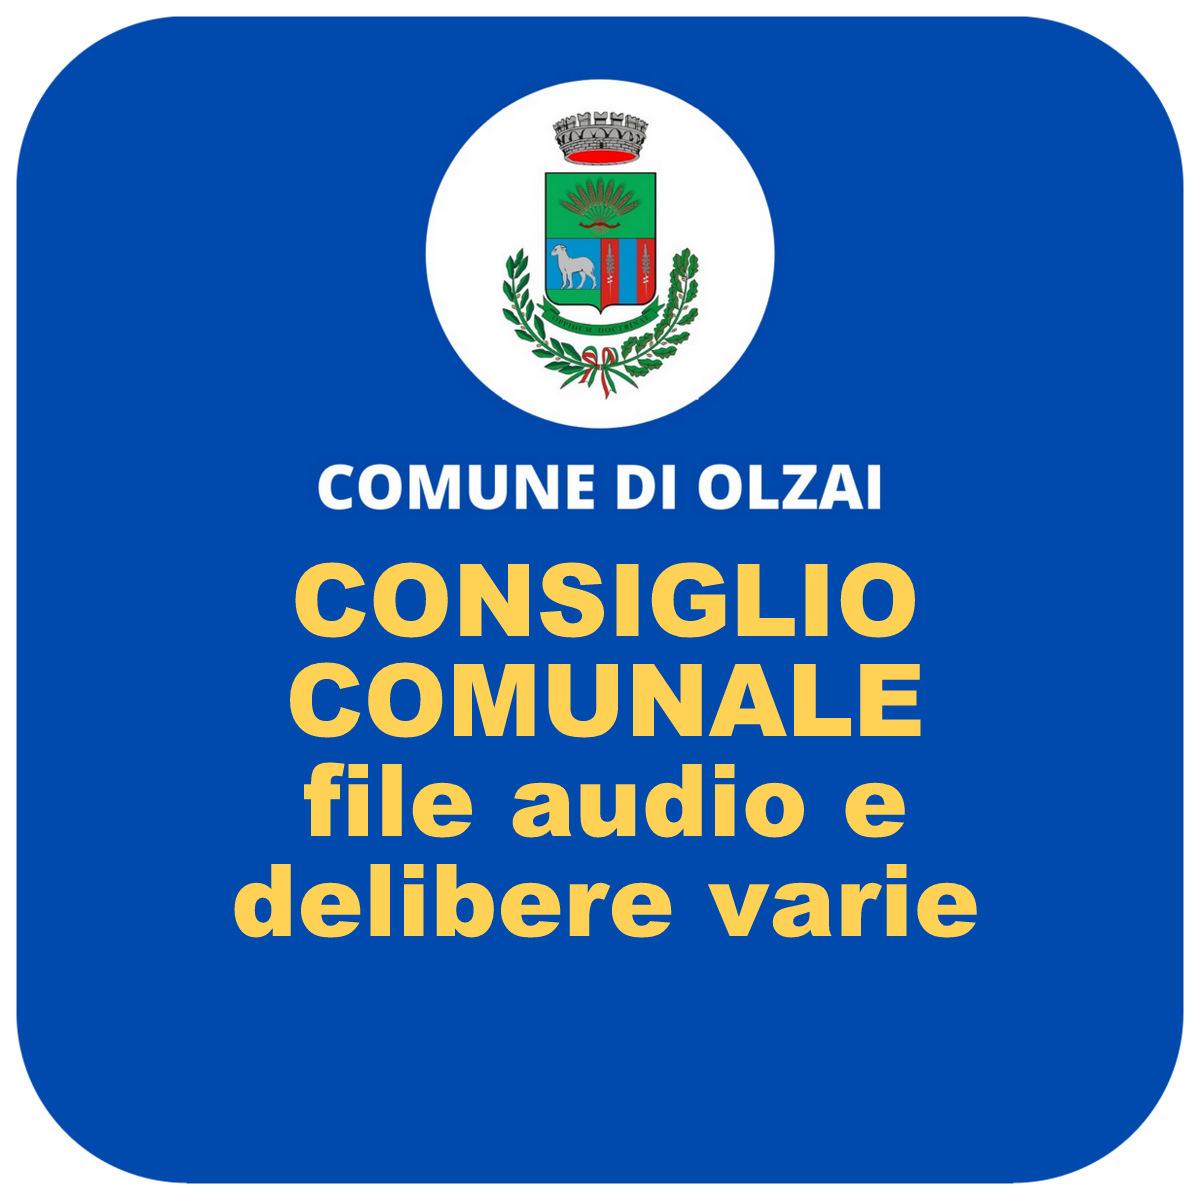 RIUNIONI CONSIGLIO COMUNALE - File AUDIO e COPIA DELIBERE